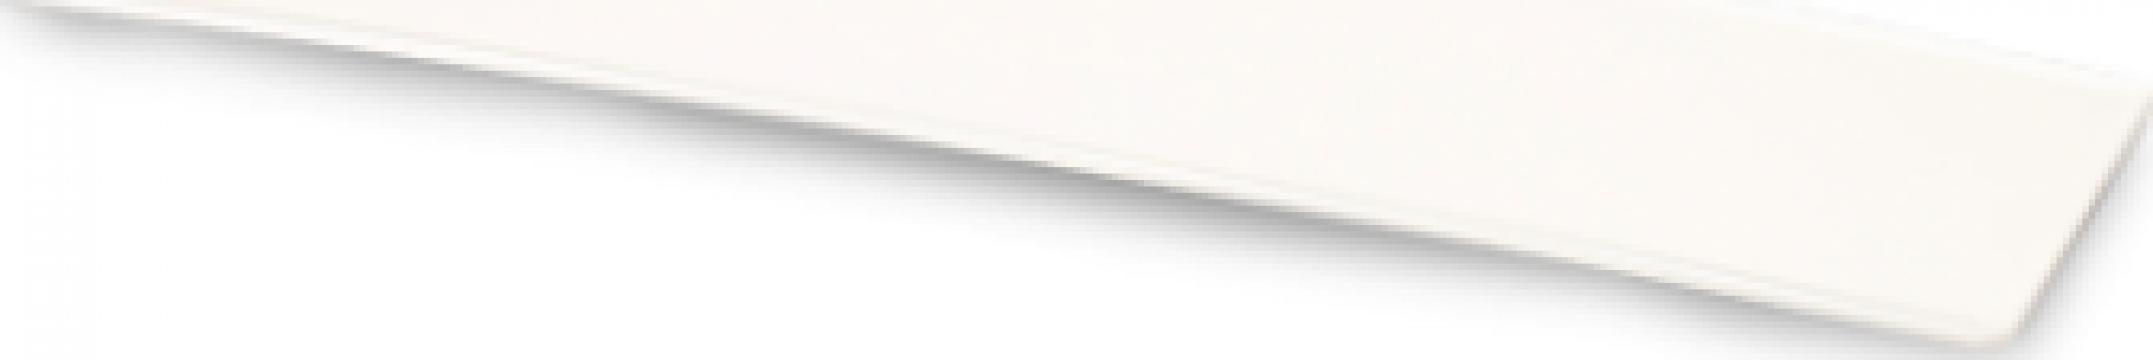 Platou melamina Raki dreptunghiular 19x44.5x1cm alb de la Basarom Com